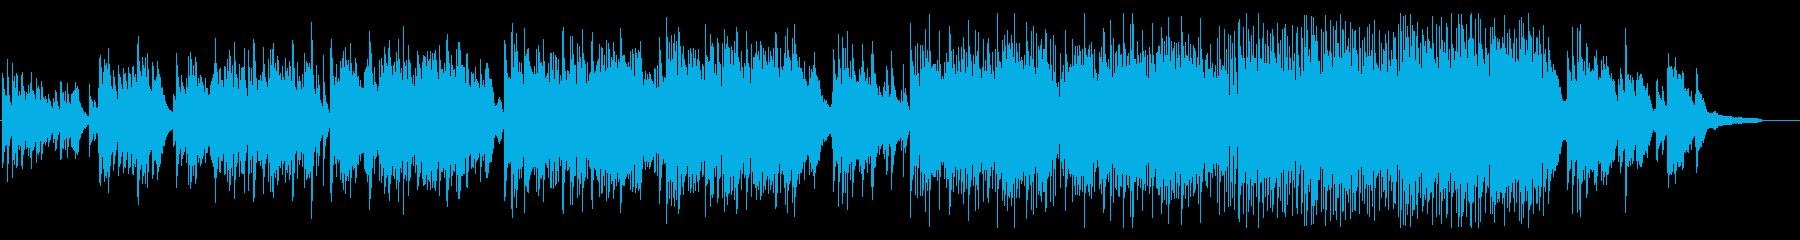 感動的なピアノ曲 結婚式手紙シーンなどにの再生済みの波形